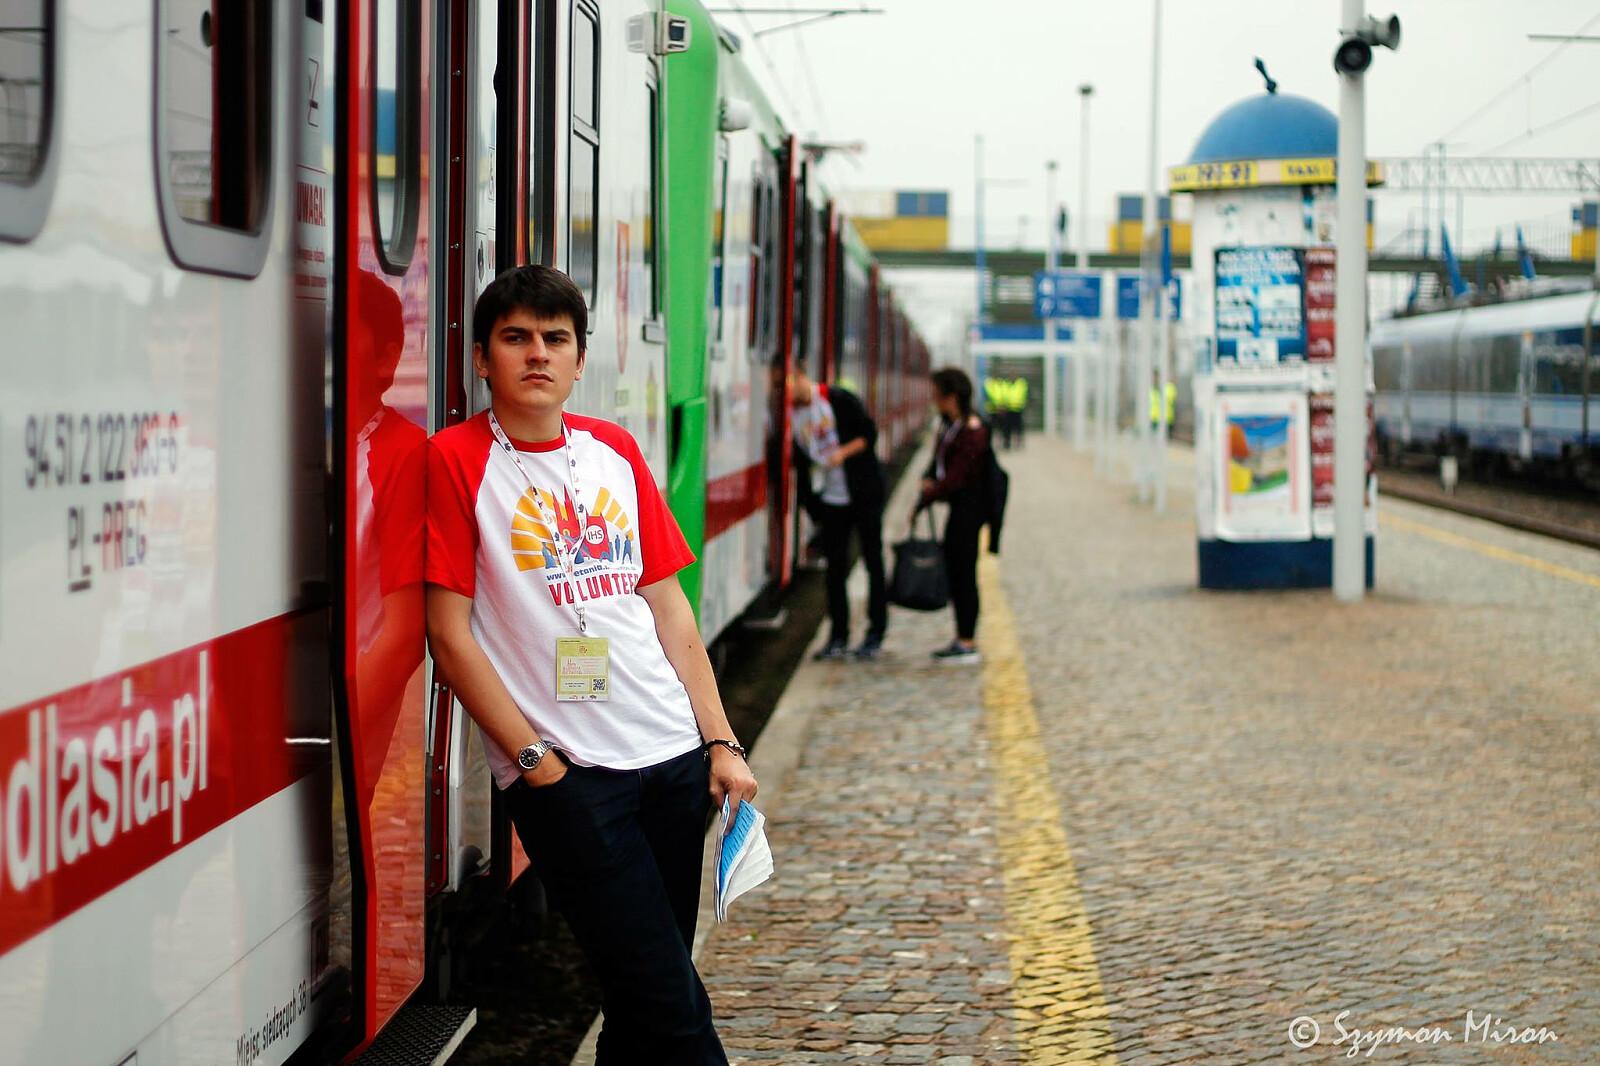 Fot. Facebook - profil Światowe Dni Młodzieży w Lizbonie / grupa Białystok, Szymon Miron